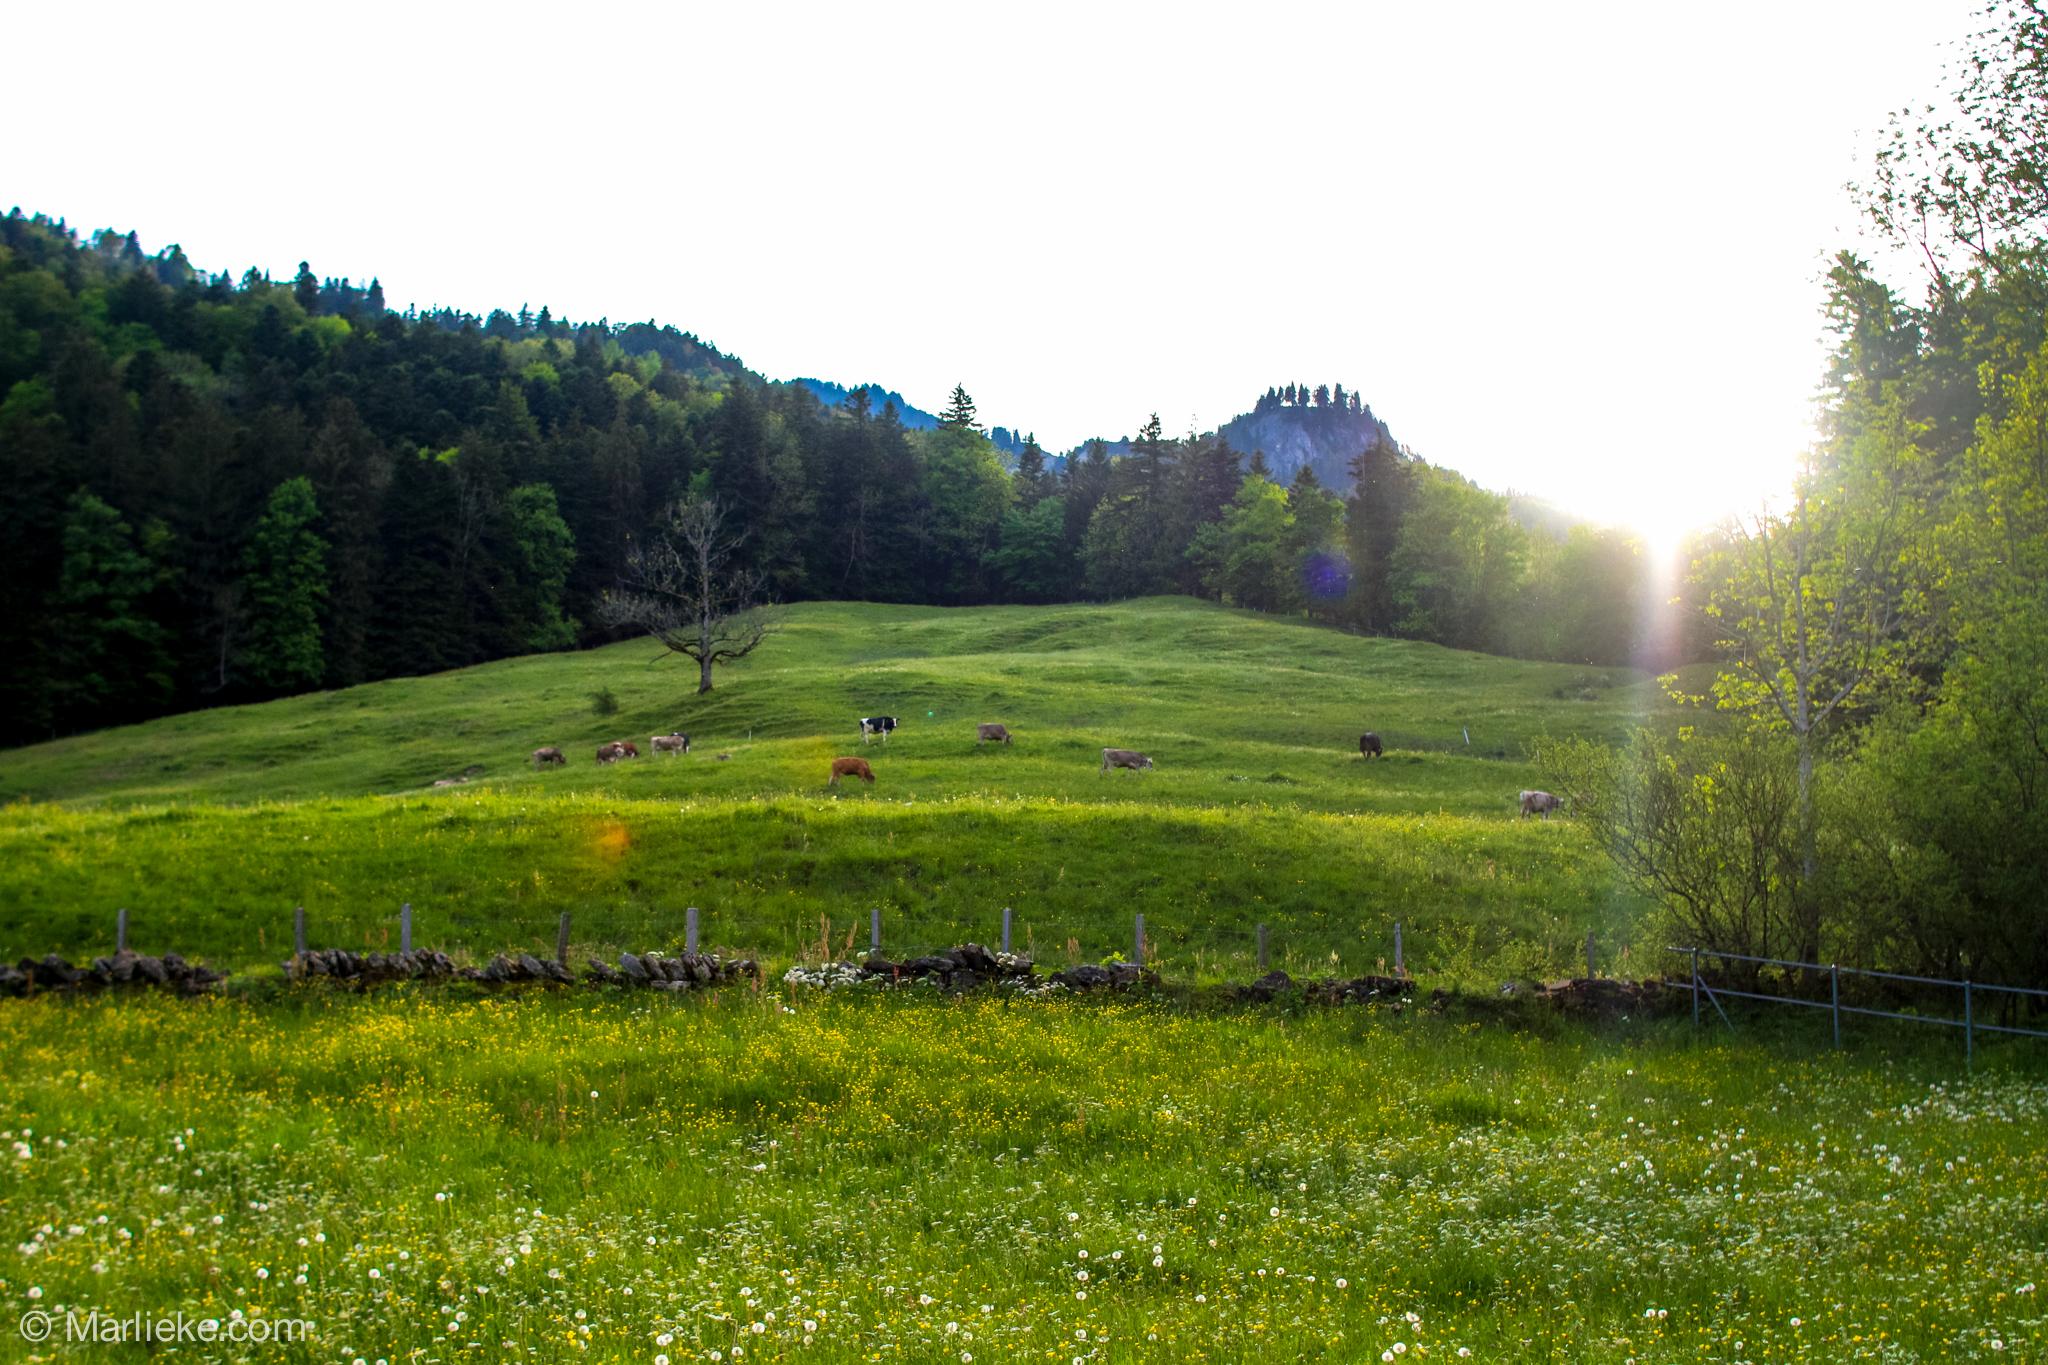 Oke, als eerste moesten we langs een weide met koeien. Ja, het minst leuke van Zwitserland, ik heb het namelijk niet zo op koeien.... :)